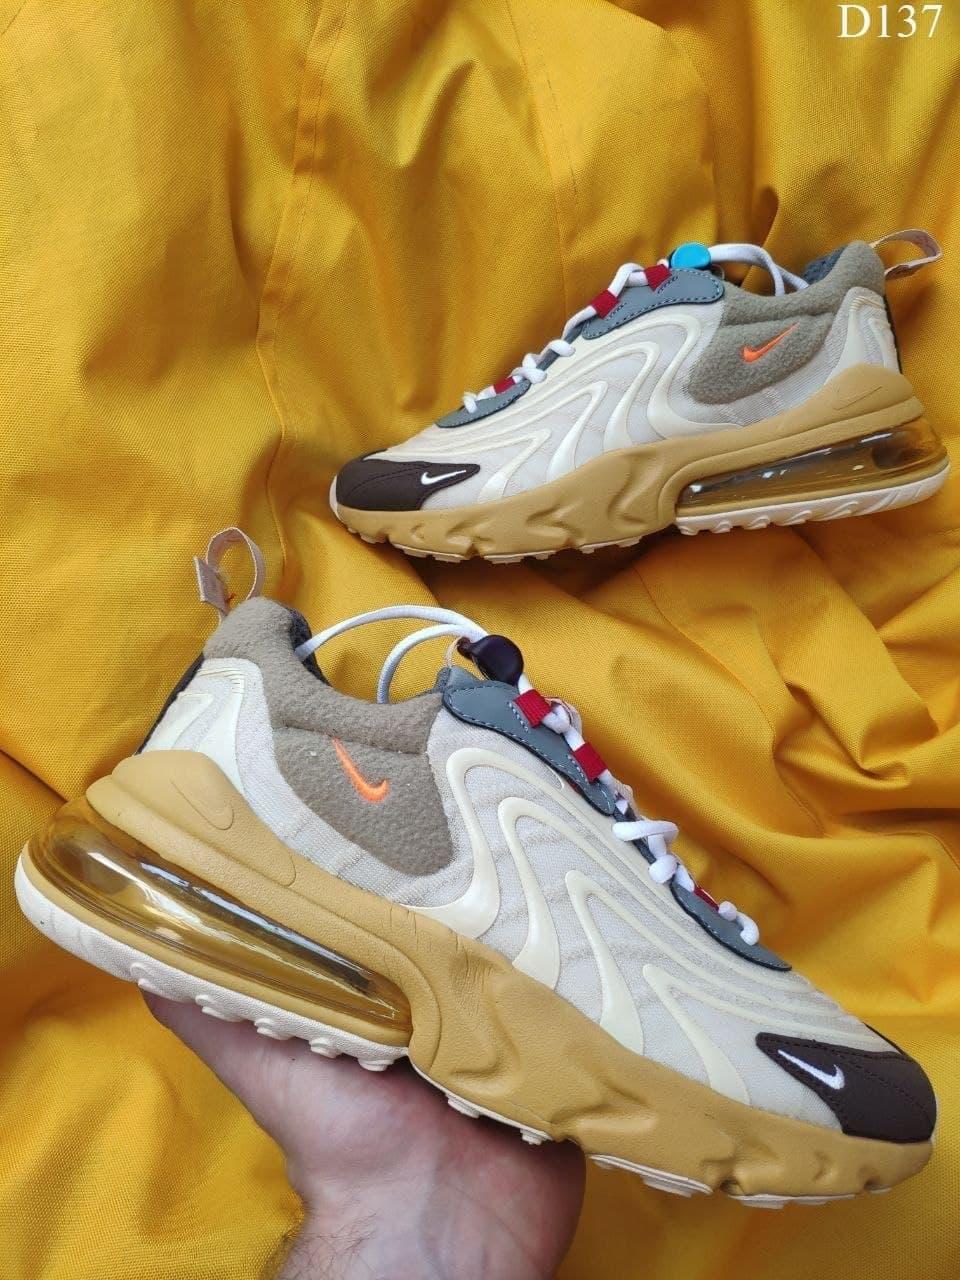 Мужские кроссовки Travis Scott x Nike Air Max 270 React (цветные) D137 молодежная обувь